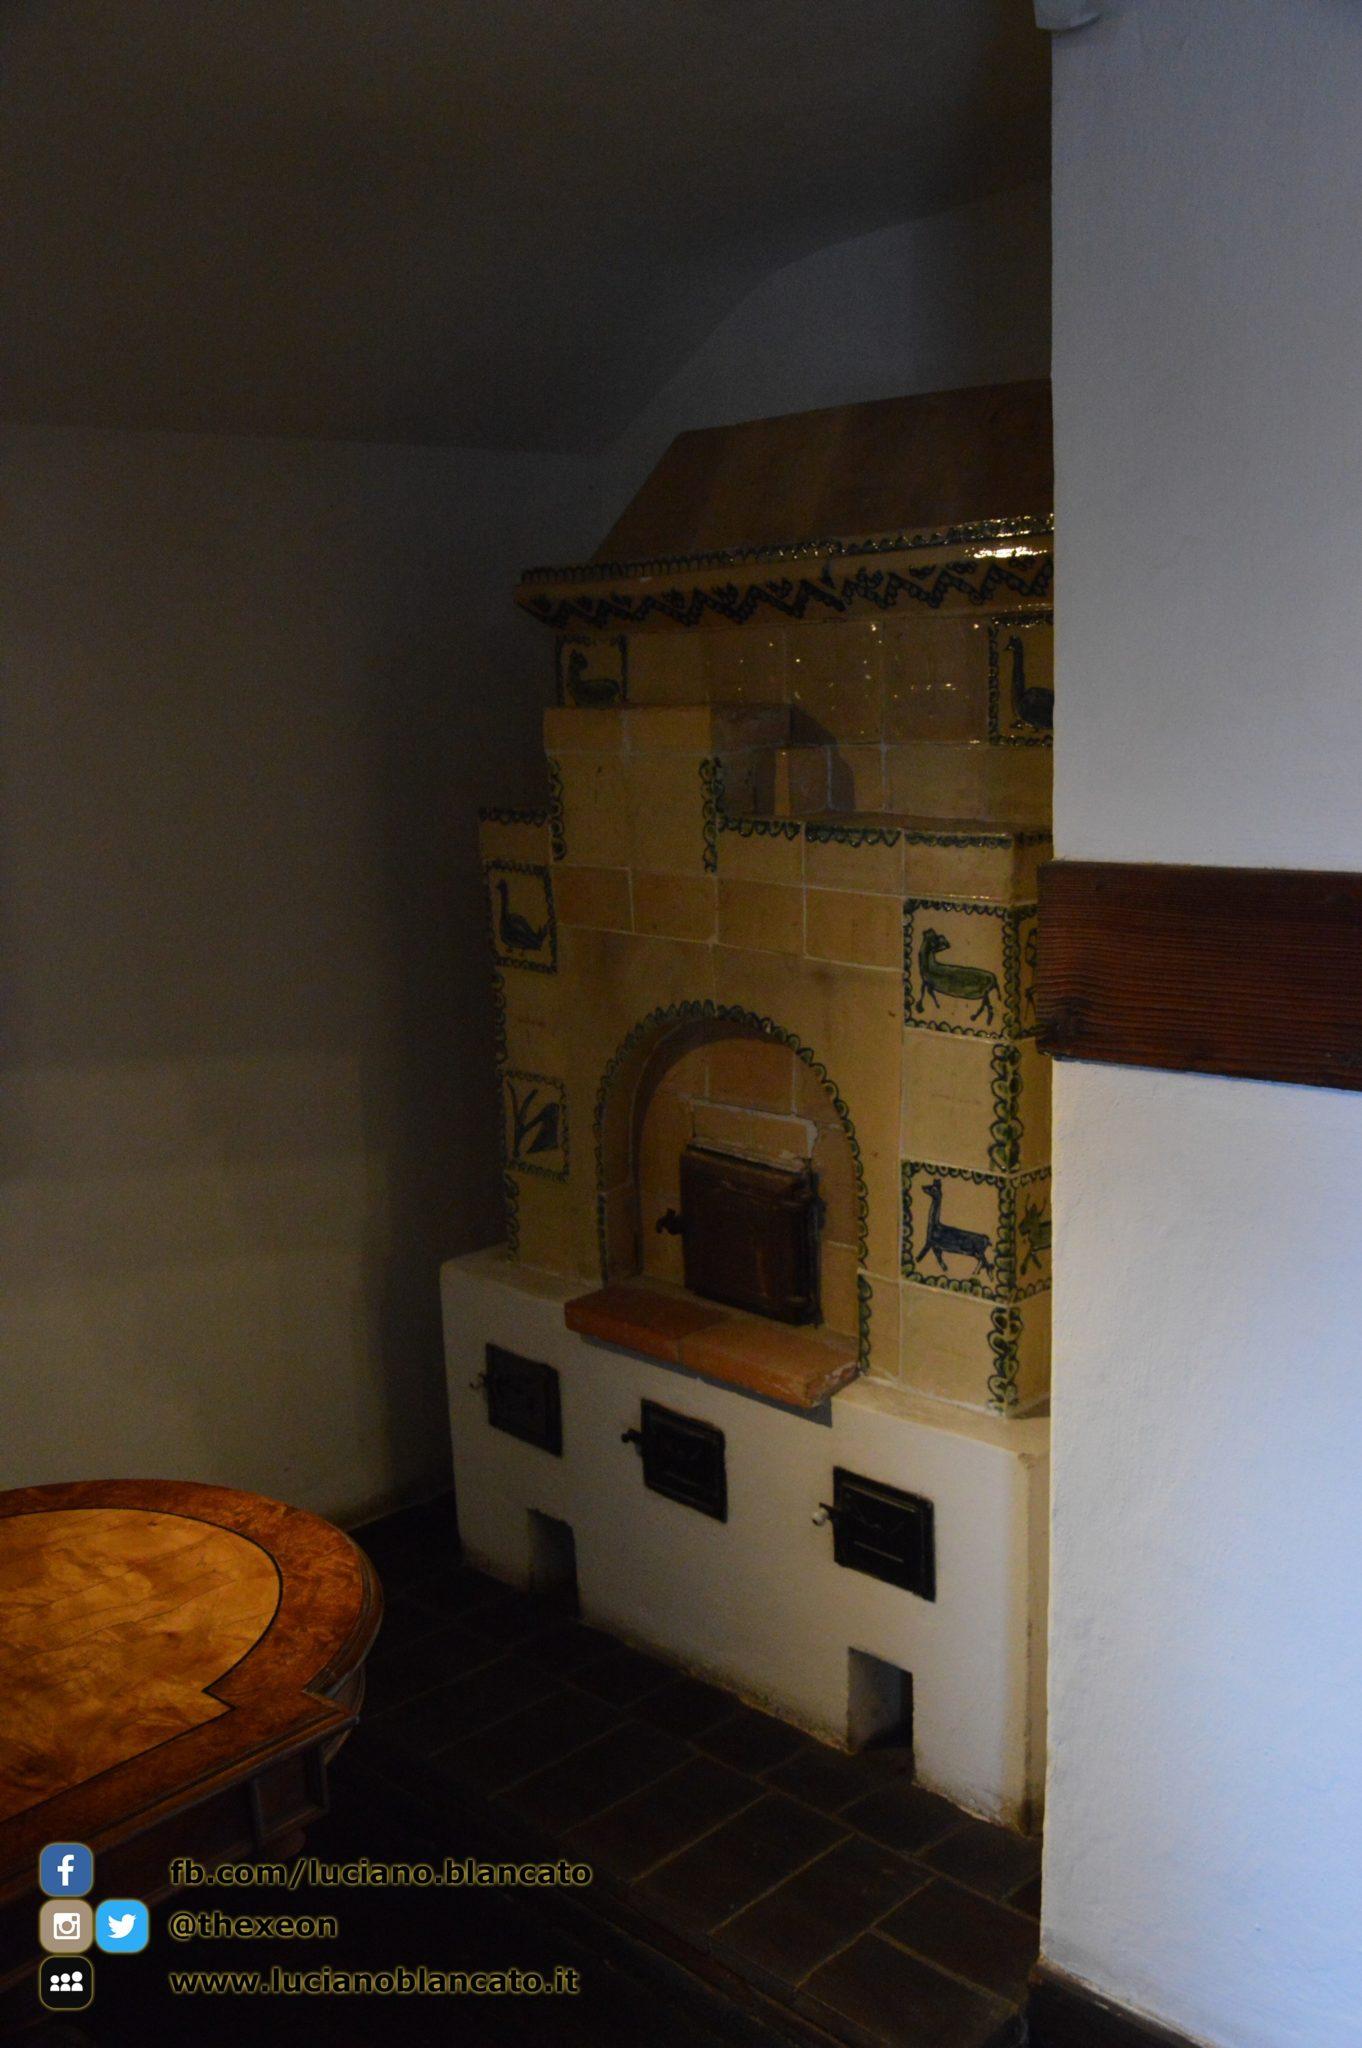 Bucarest - Castello di Bran - Forno e/o riscaldamenti